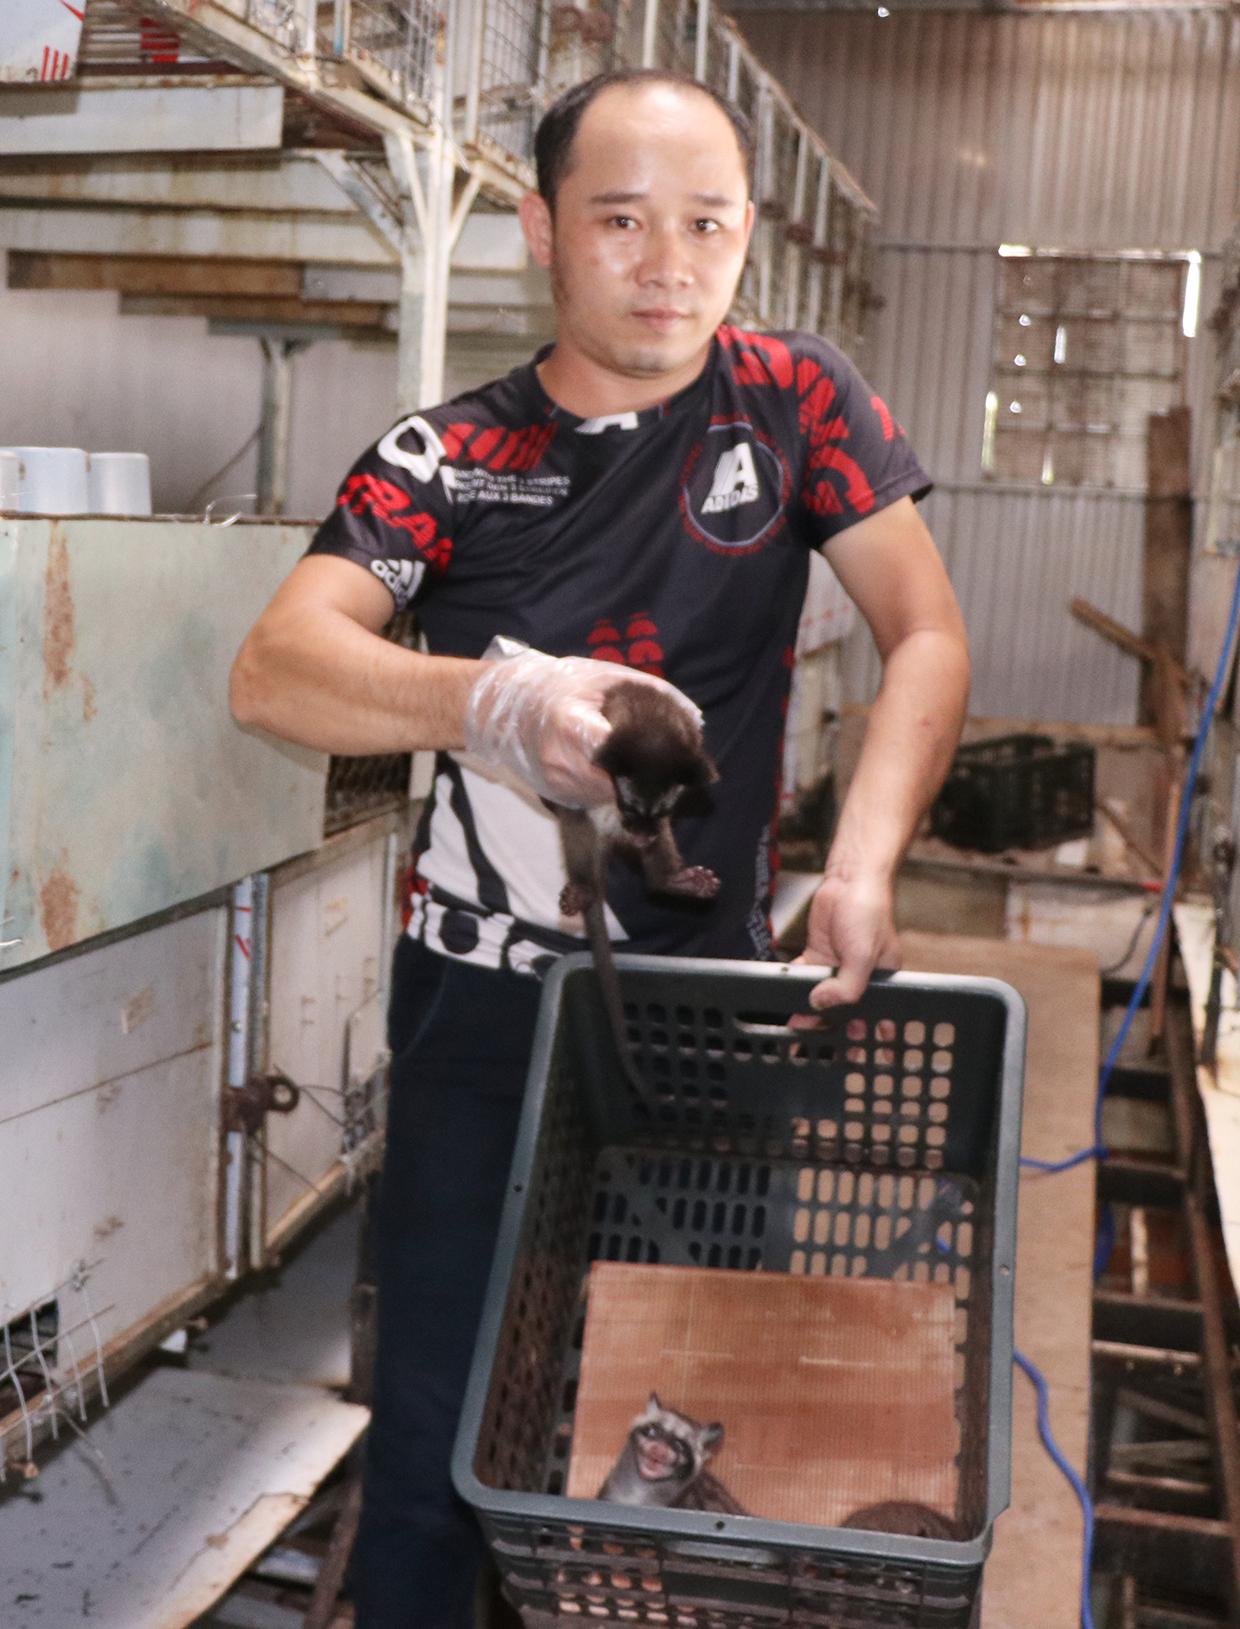 """Gia Lai: Chế được """"thần dược"""" trị bệnh viêm ruột cho chồn hương, anh nông dân chỉ bán giống đã bỏ túi 200 triệu - Ảnh 3."""